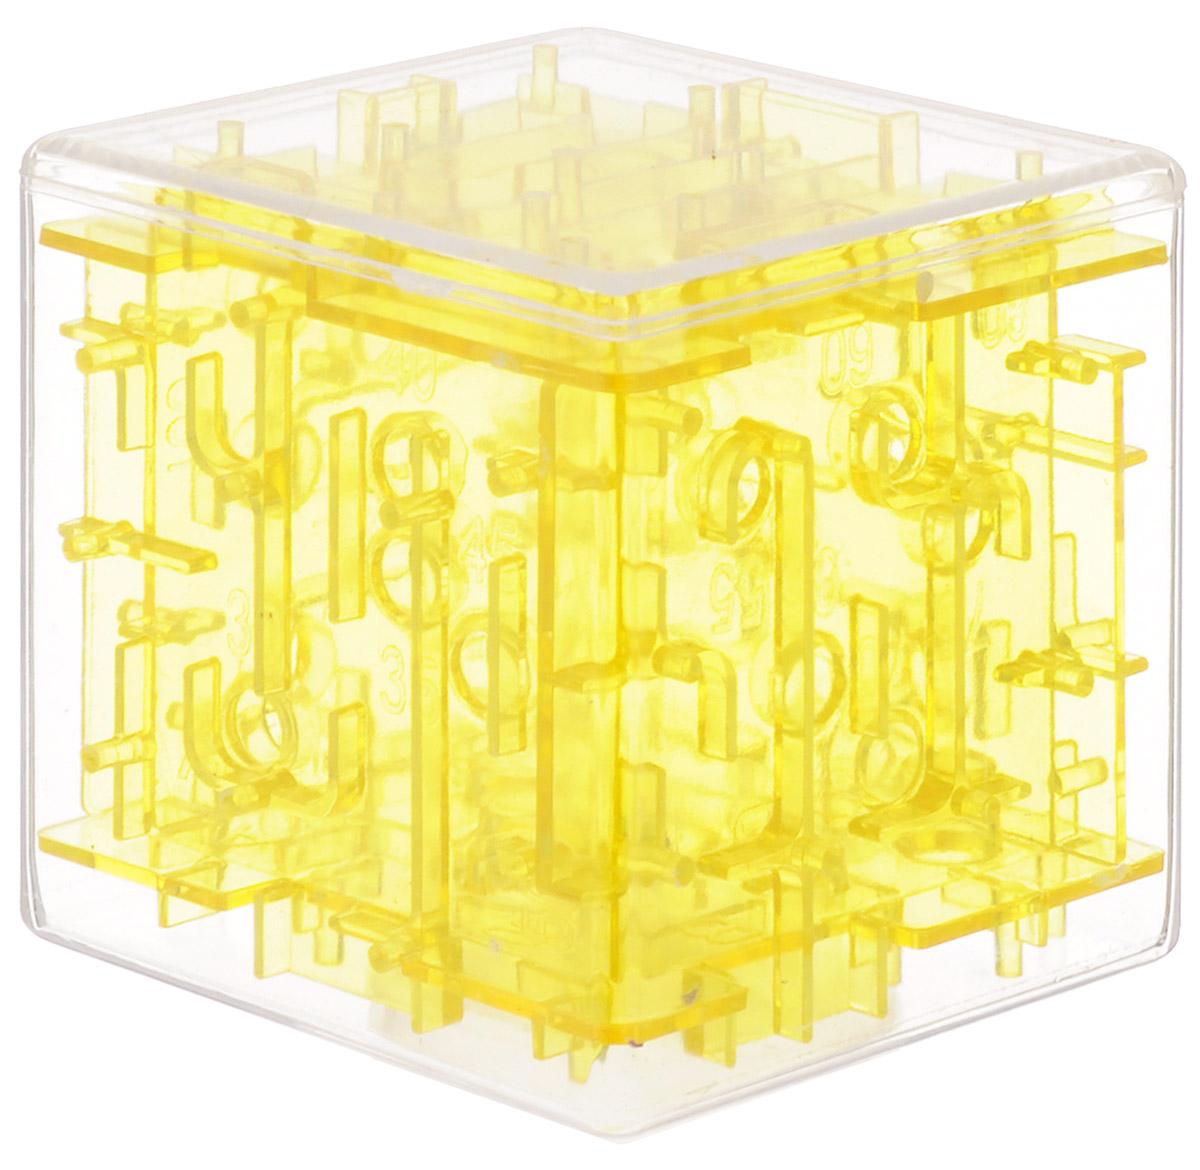 Эврика Головоломка-лабиринт Куб цвет желтый головоломка эврика лабиринт сфера red 98723